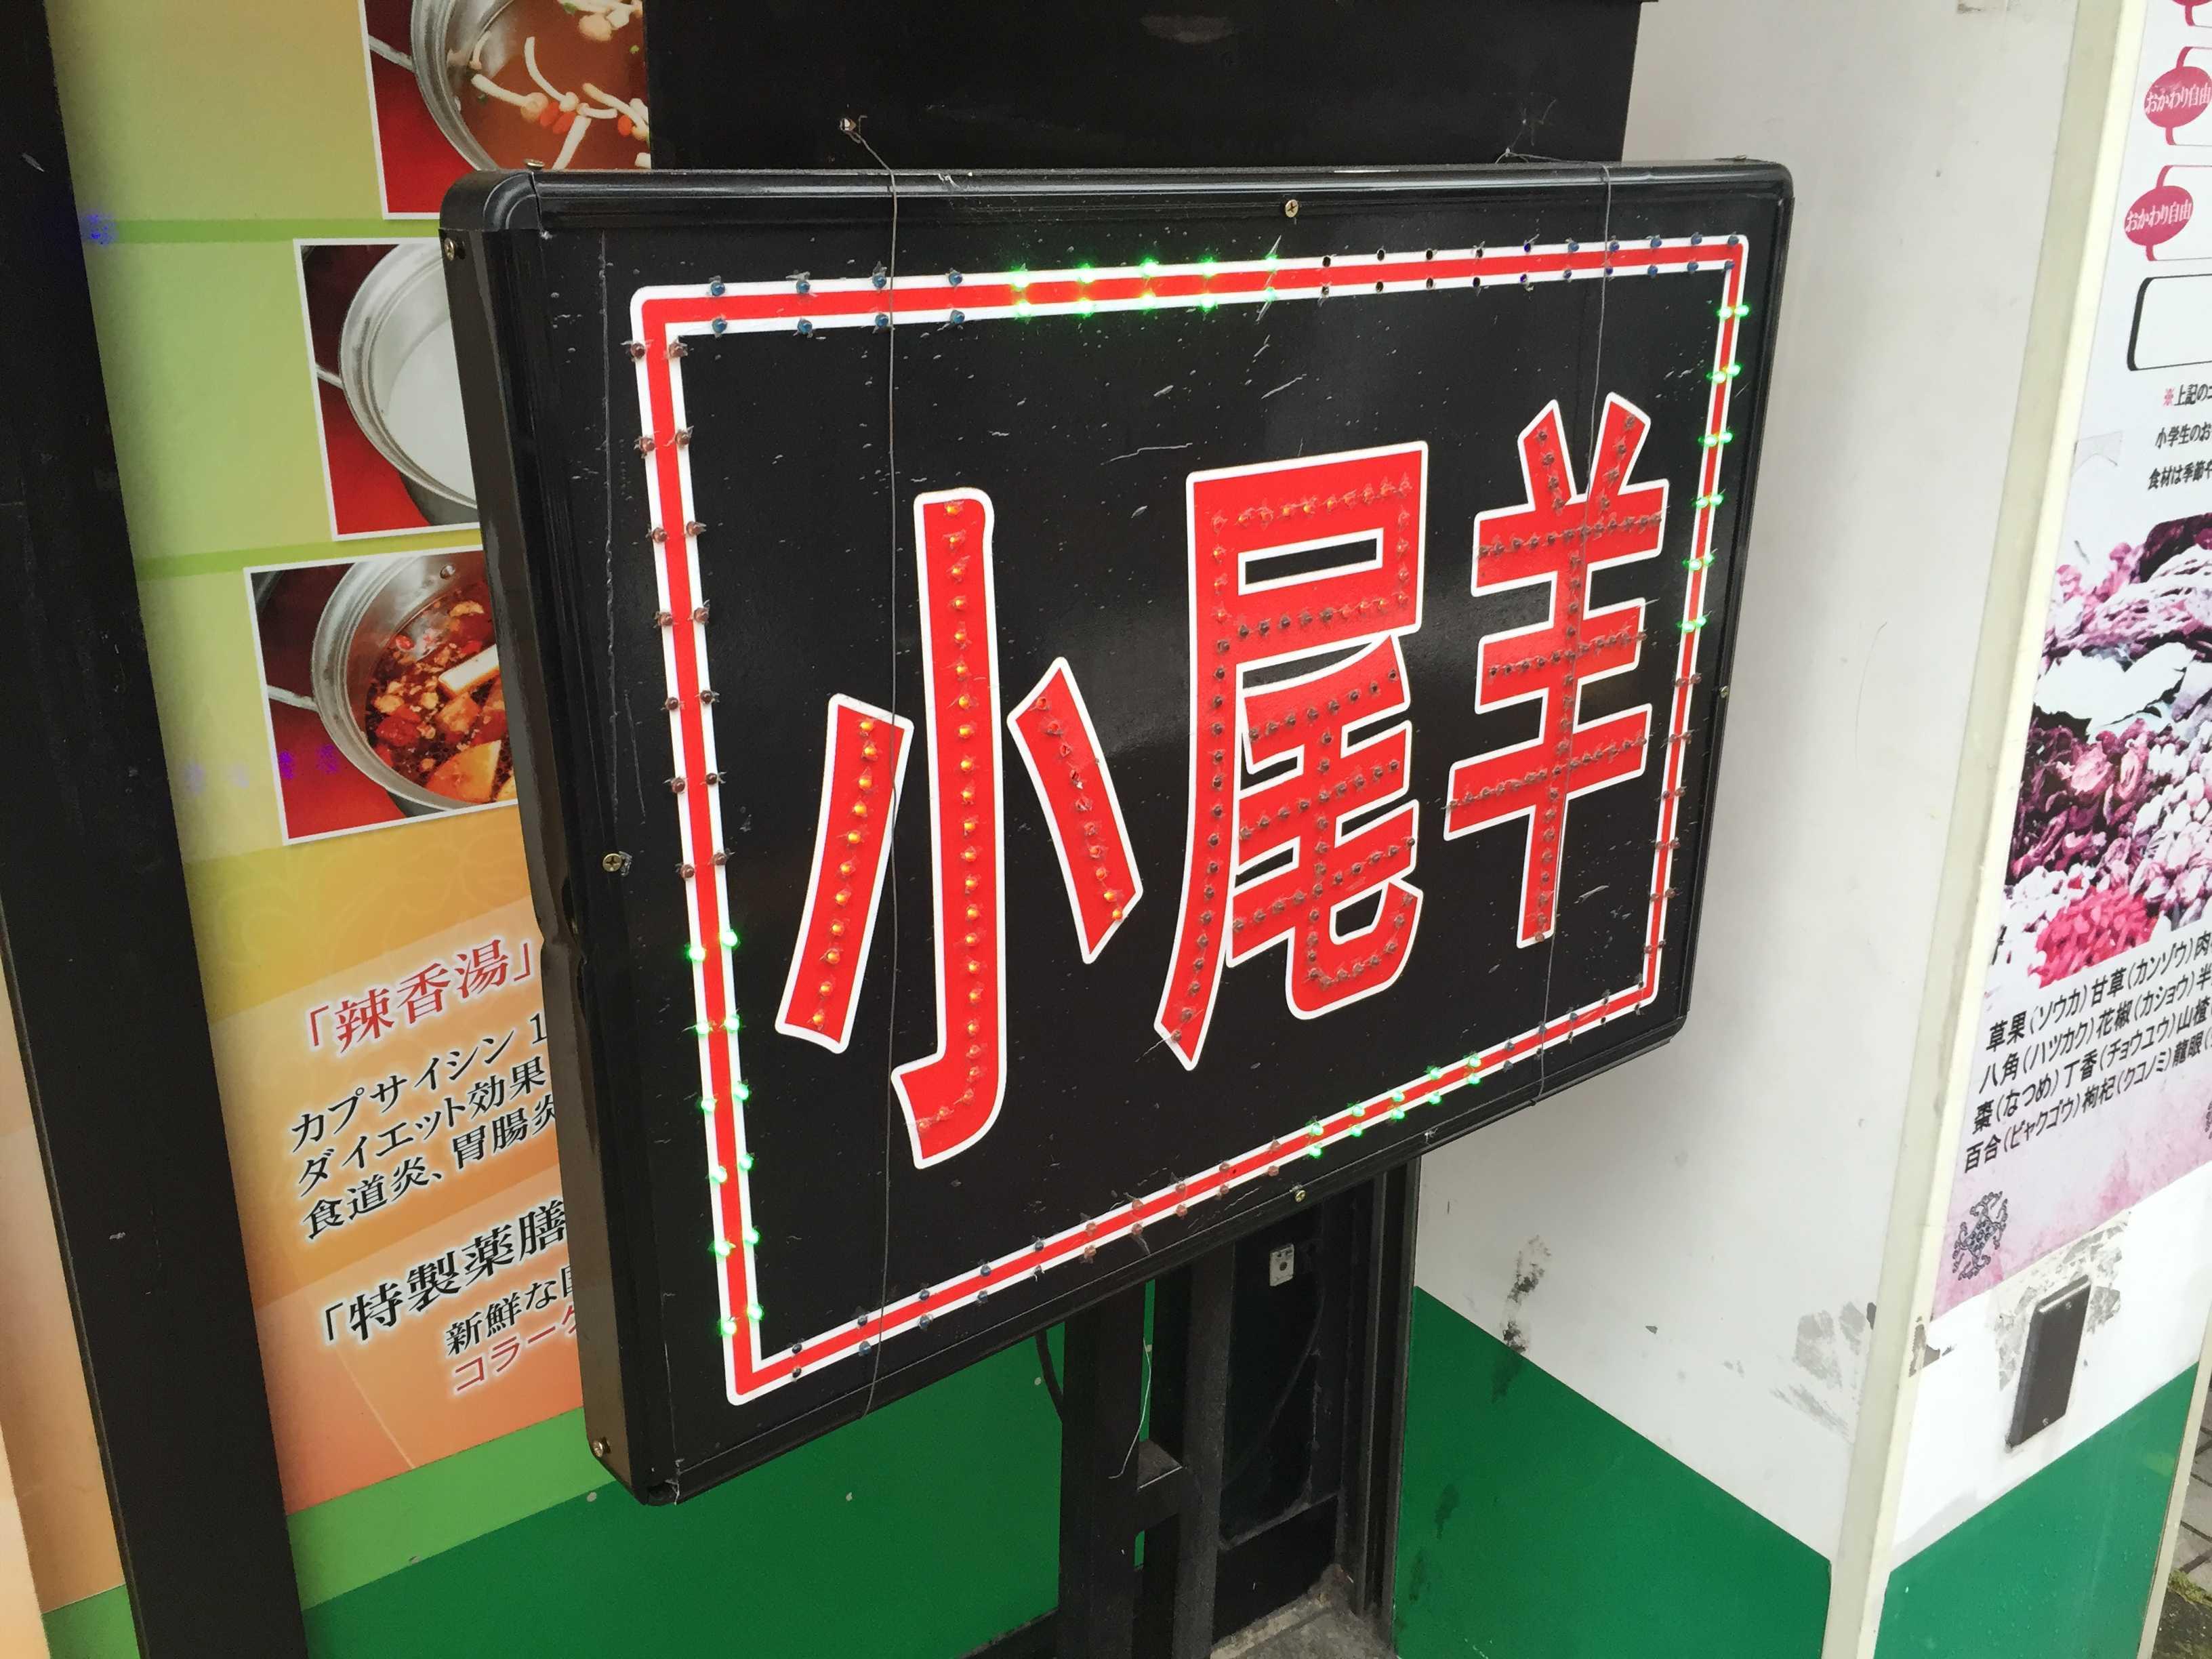 小尾羊(シャオウェイヤン)の店名看板